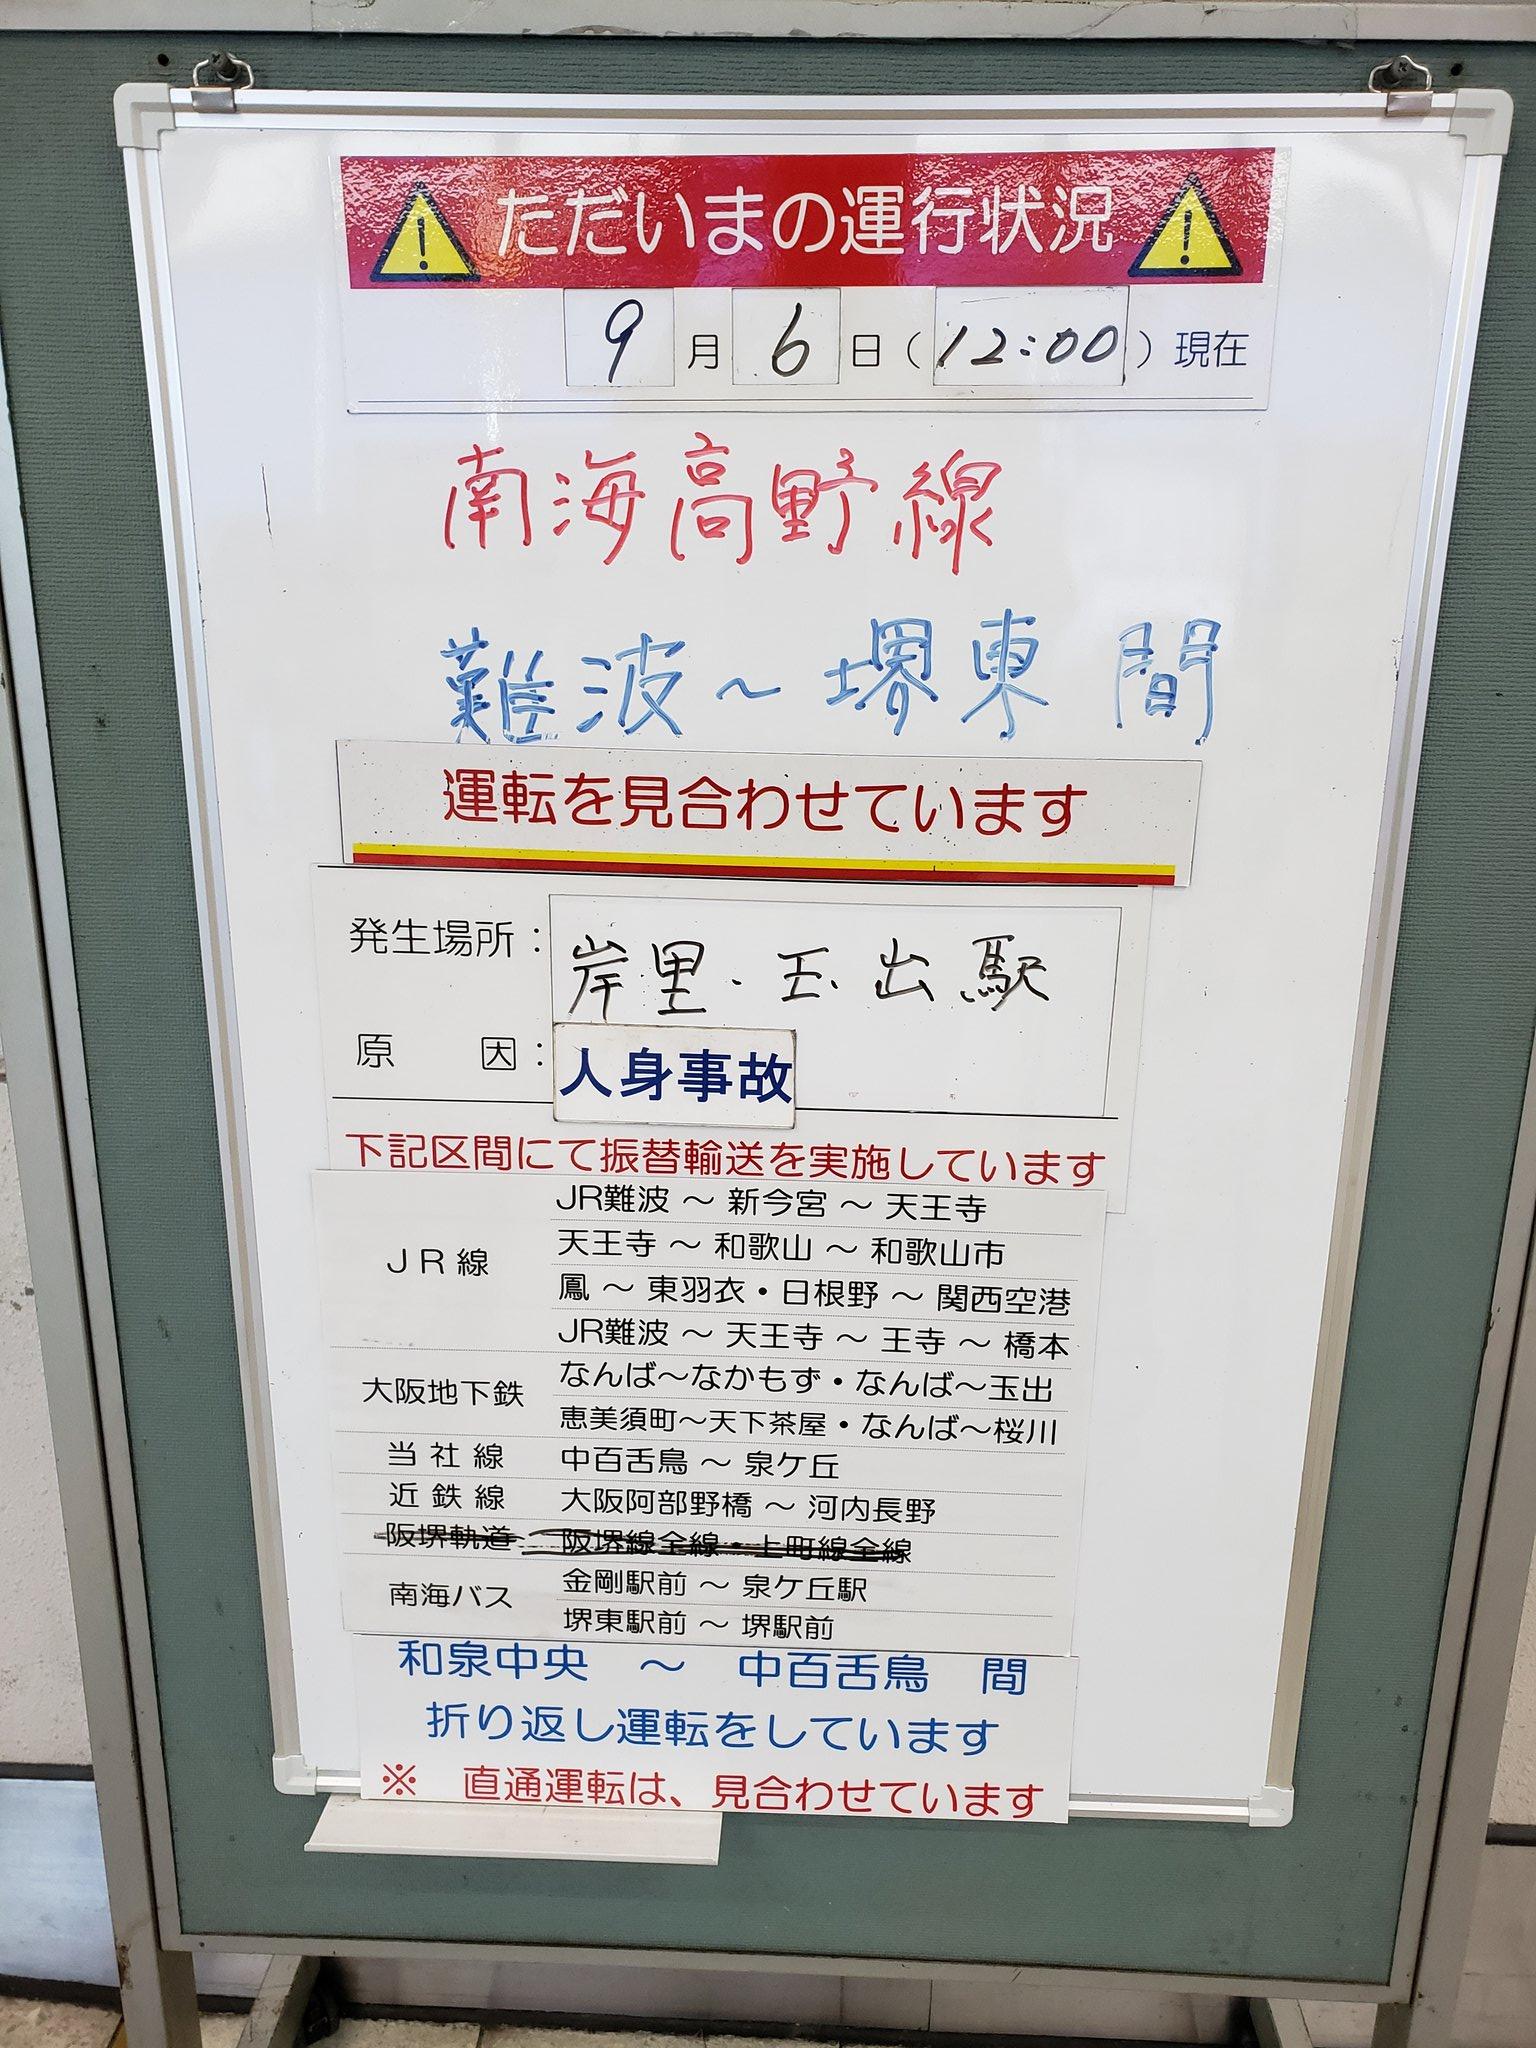 南海高野線の岸里玉出駅の人身事故の掲示板の画像